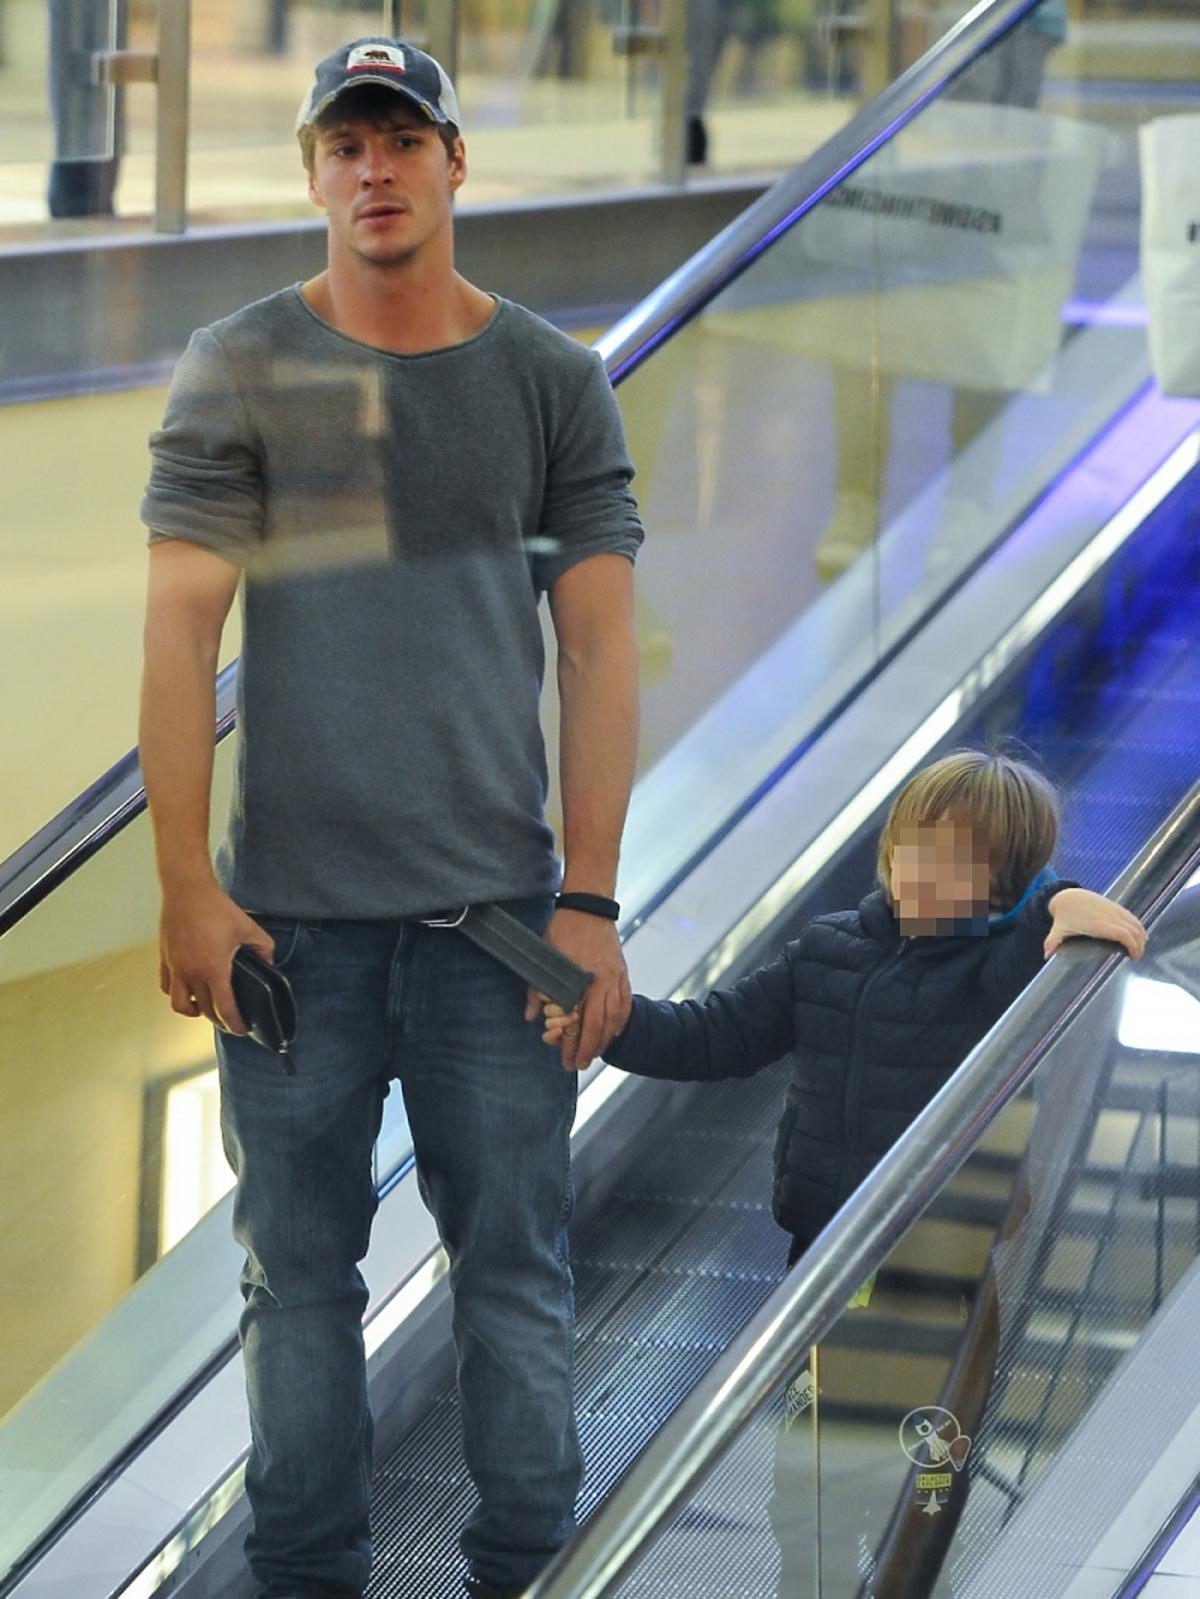 Mikołaj Roznerski na ruchomych schodach z synem Antosiem w centrum handlowym